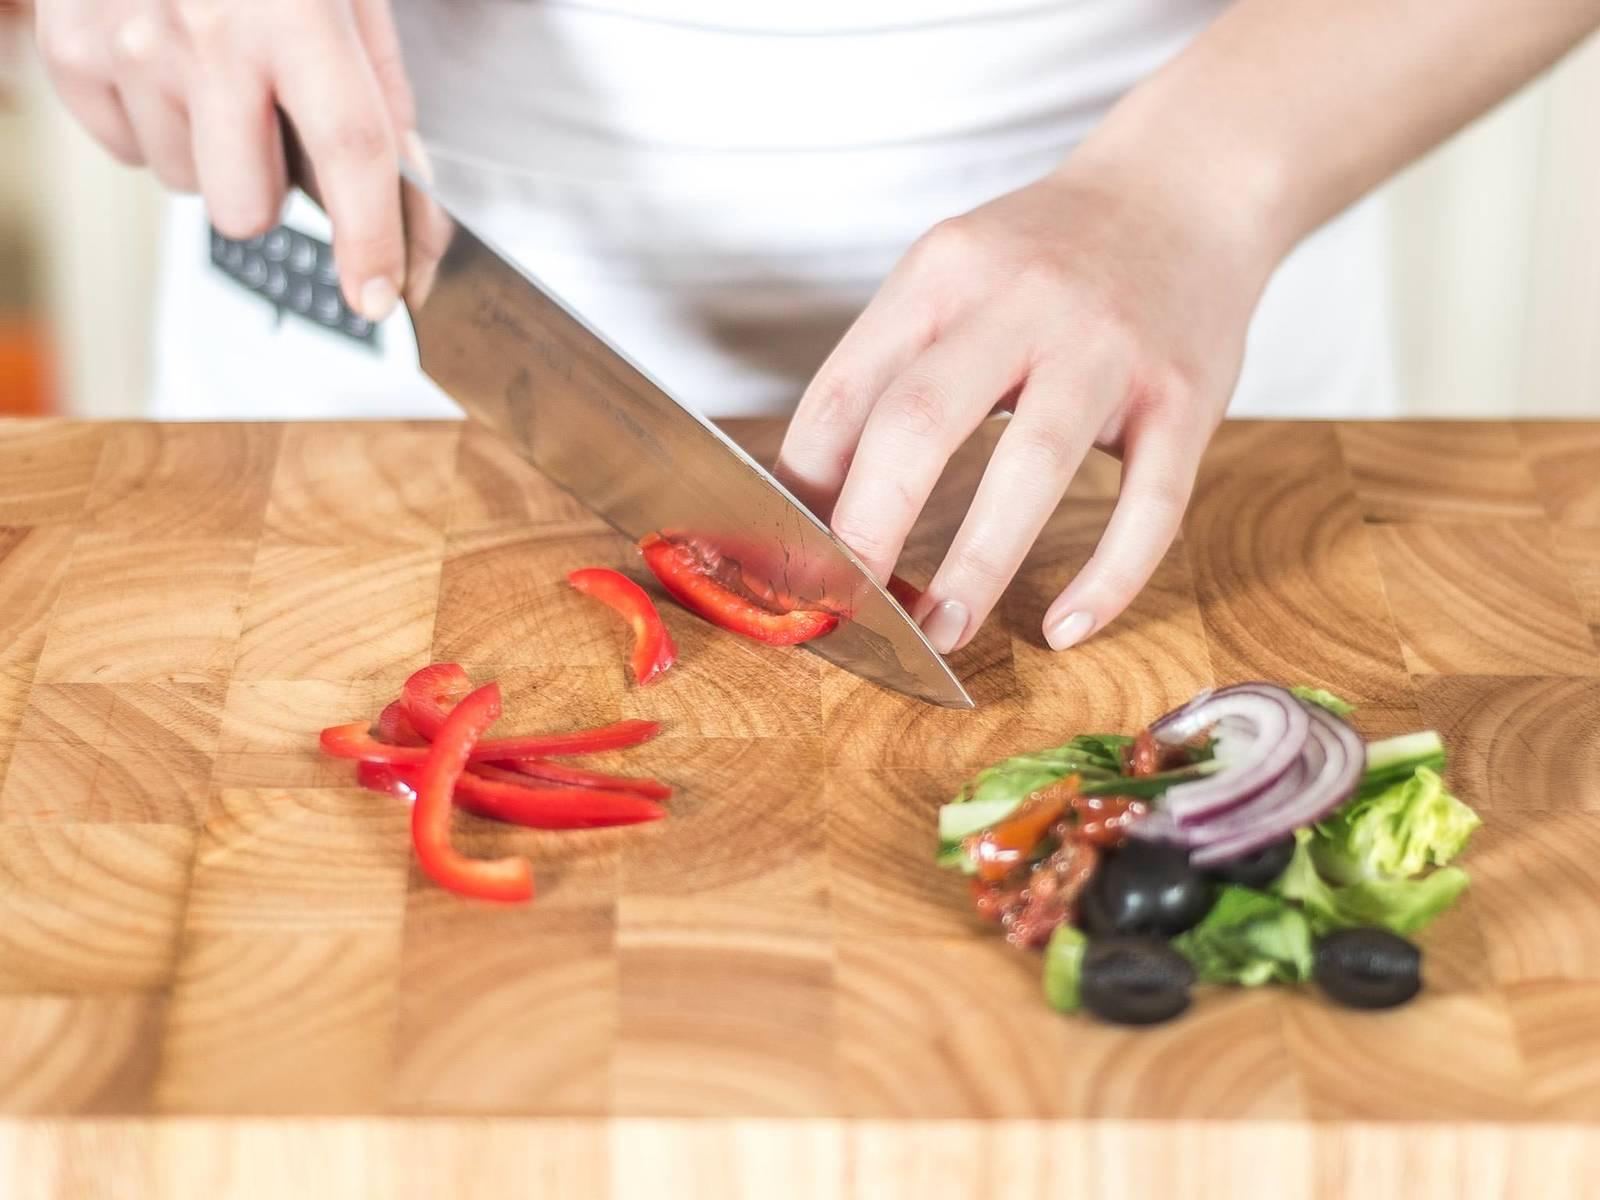 然后将罗马生菜洗净,甩干水分,掰成可入口的小块。黄瓜切小块,黑橄榄切半。番茄干、红洋葱与灯笼椒切成细条。